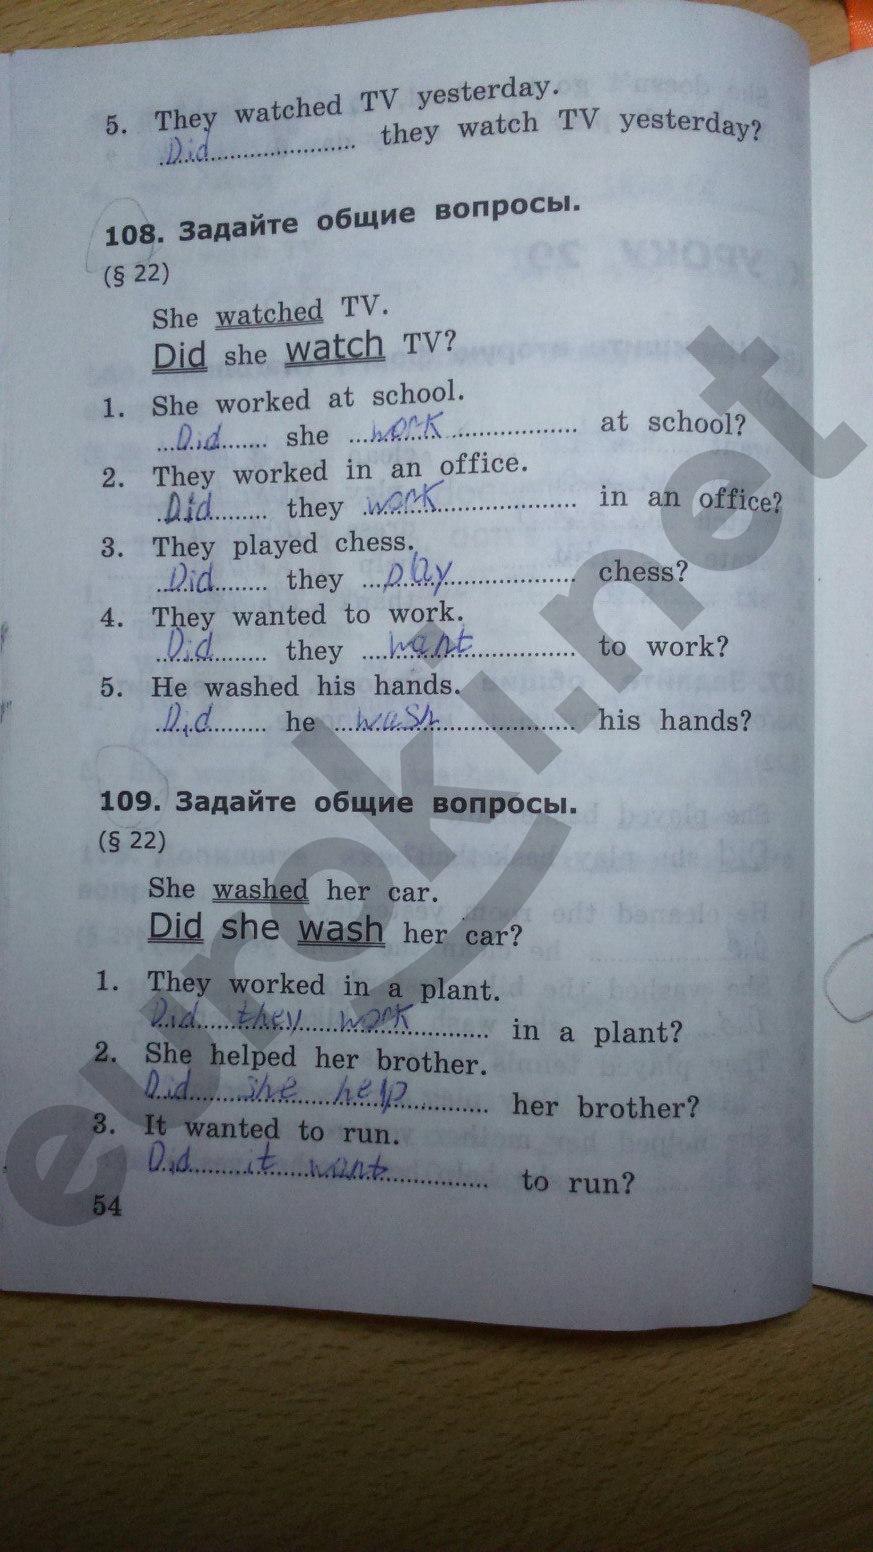 гдз английскому языку 3 класс 2 часть